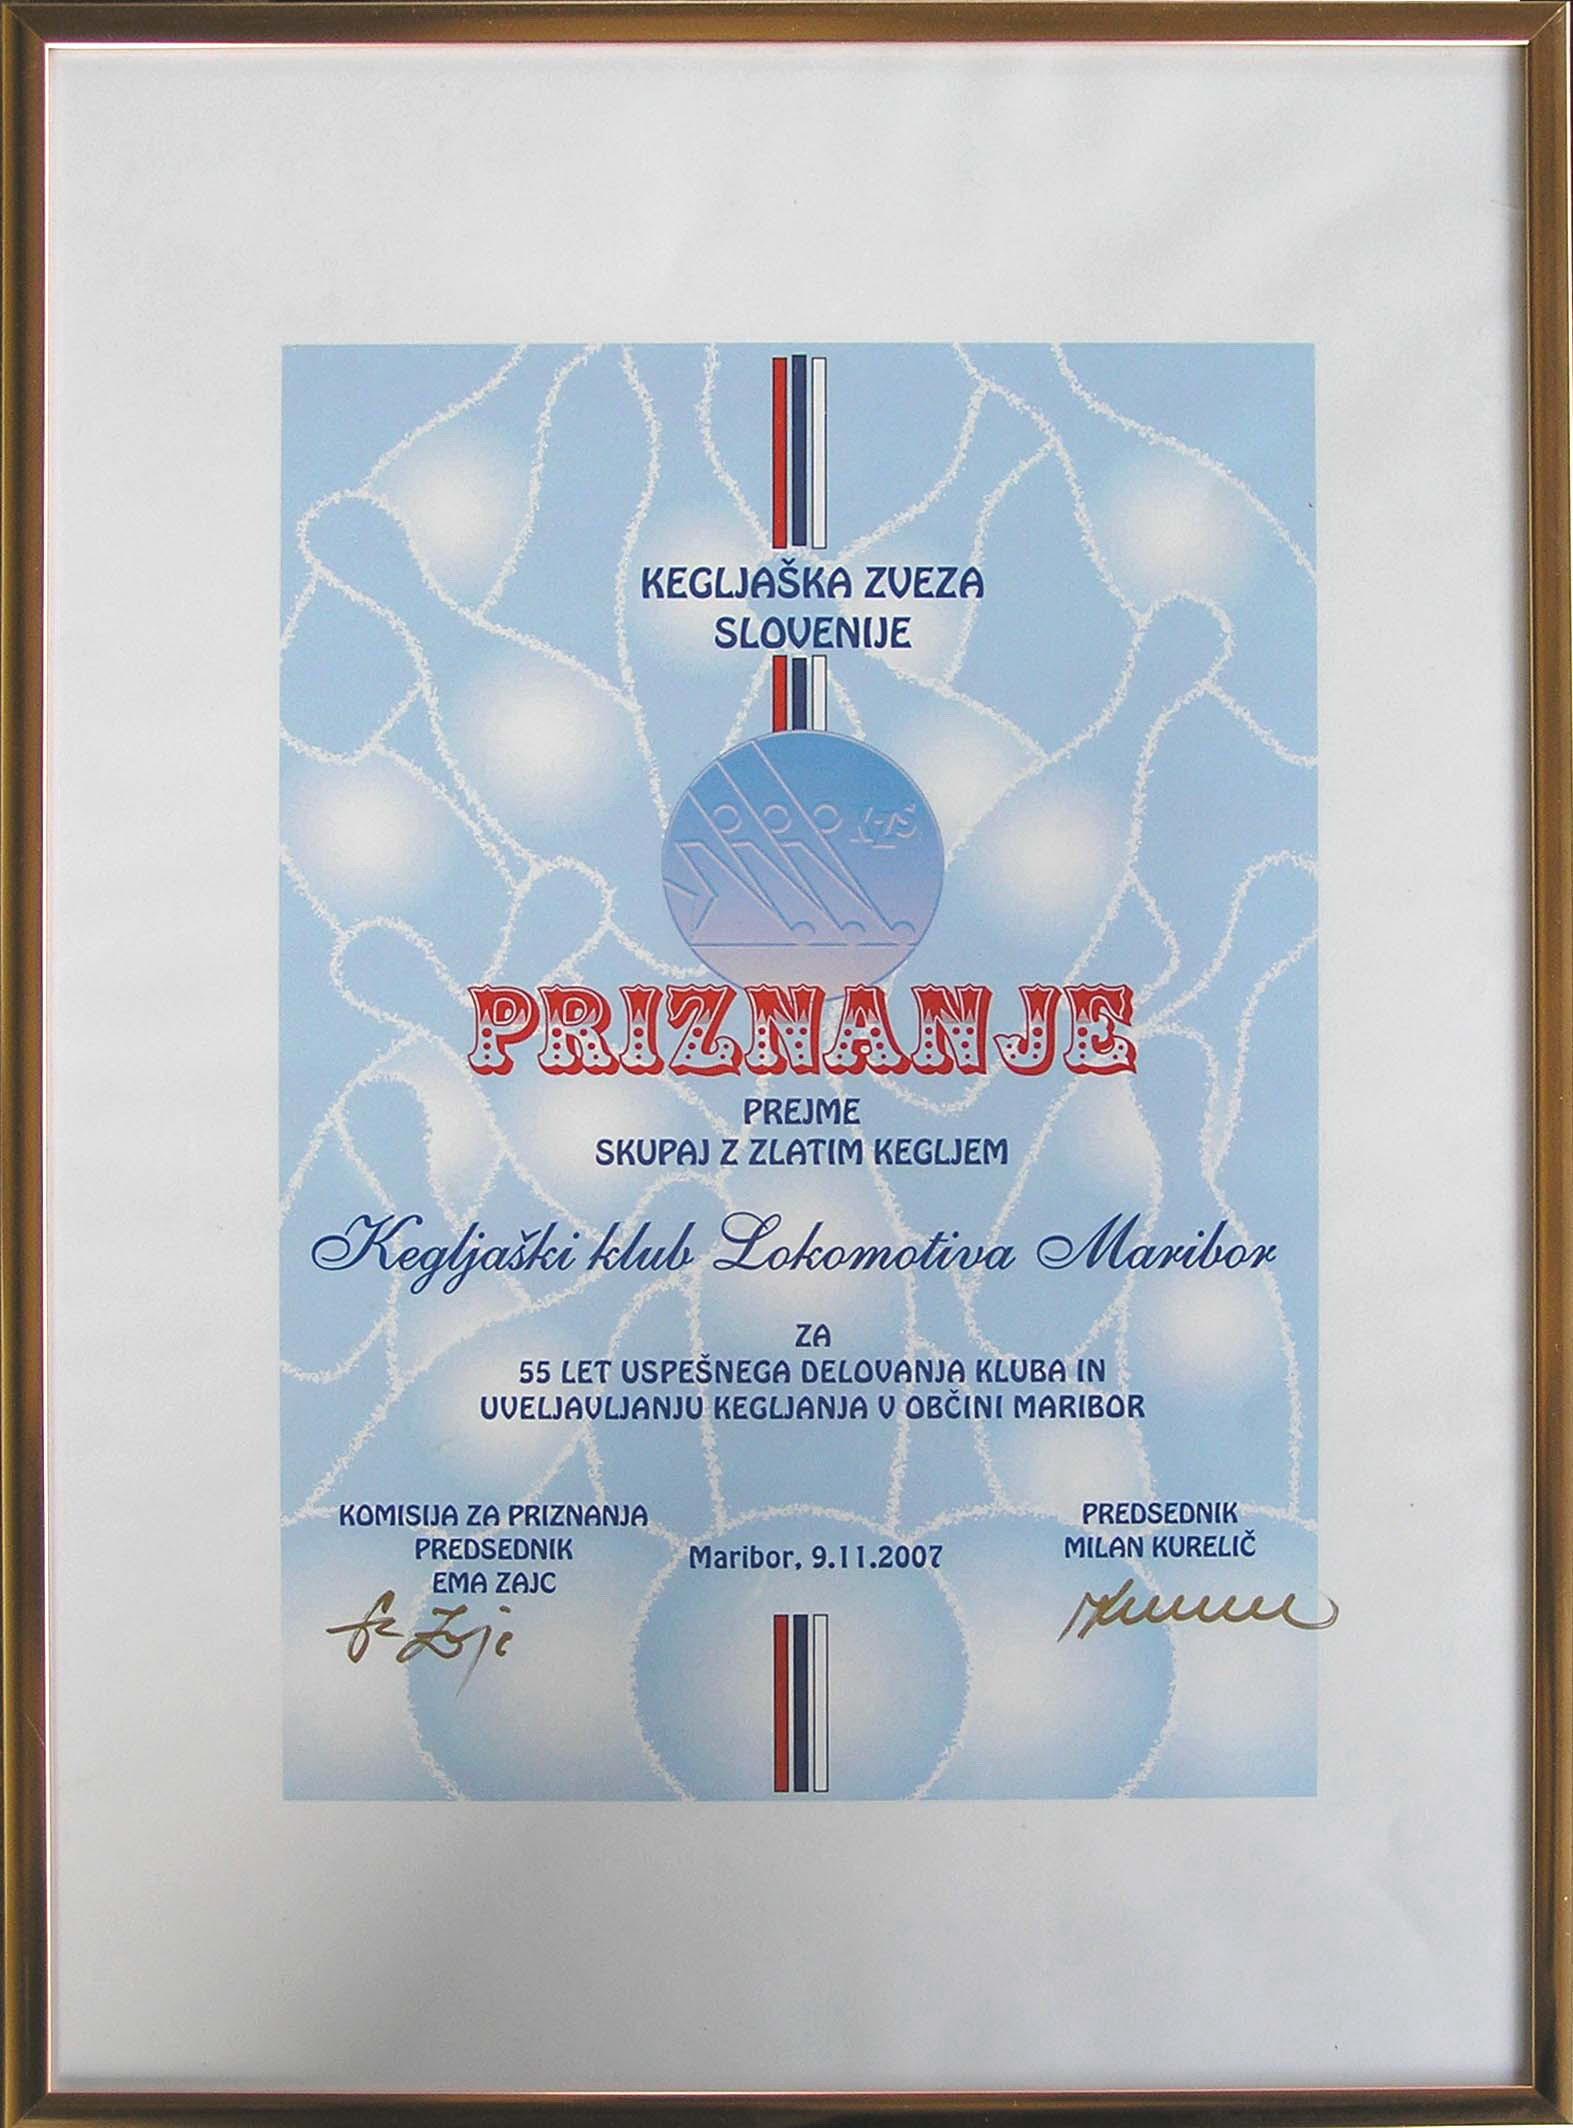 Priznanje KZS ob 55. obletnici KKL